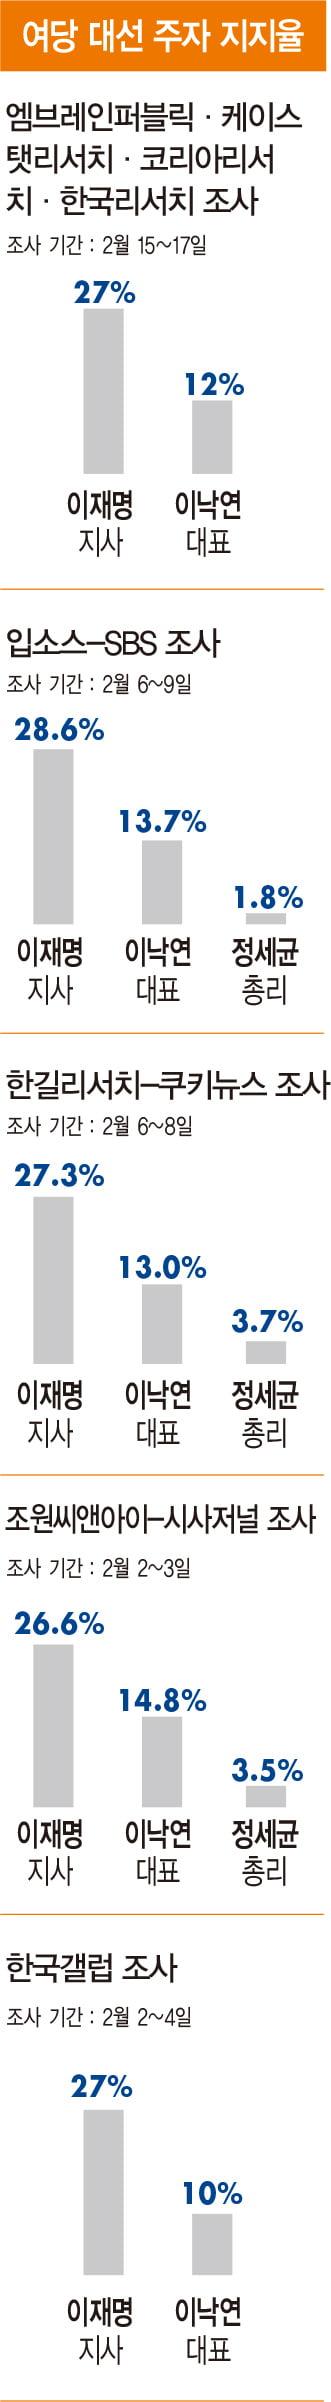 """""""이재명, 밴드왜건 타려면 지지율 30% 대 뚫어야""""[홍영식의 정치판]"""